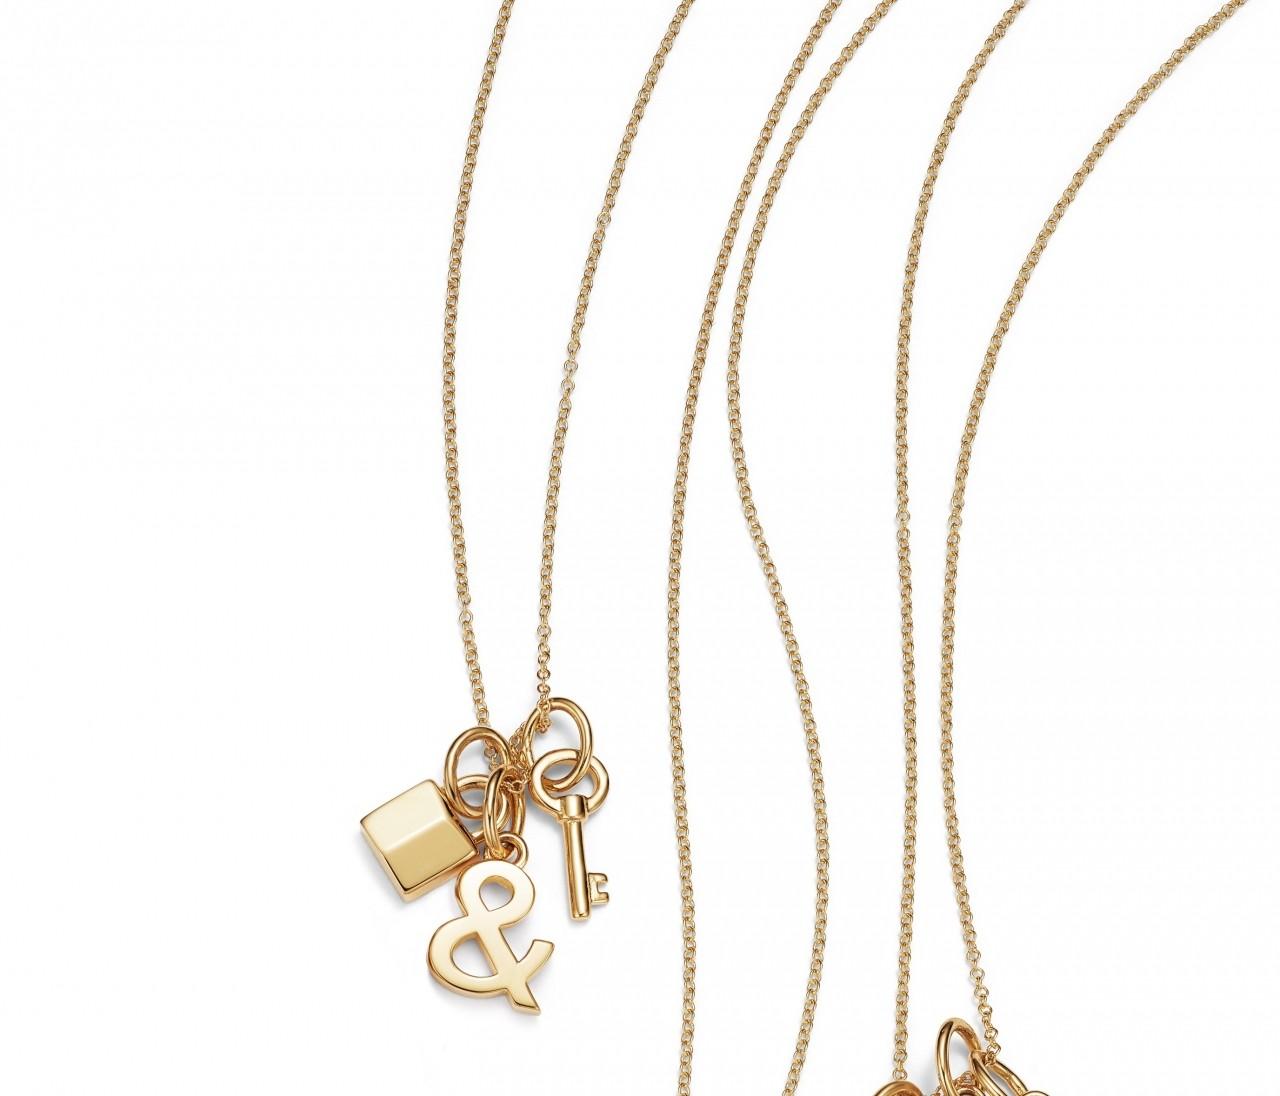 """ティファニーを象徴する""""あの文字""""がチャームに♡ 新作ネックレス「Tiffany & Love」にラブコール!"""